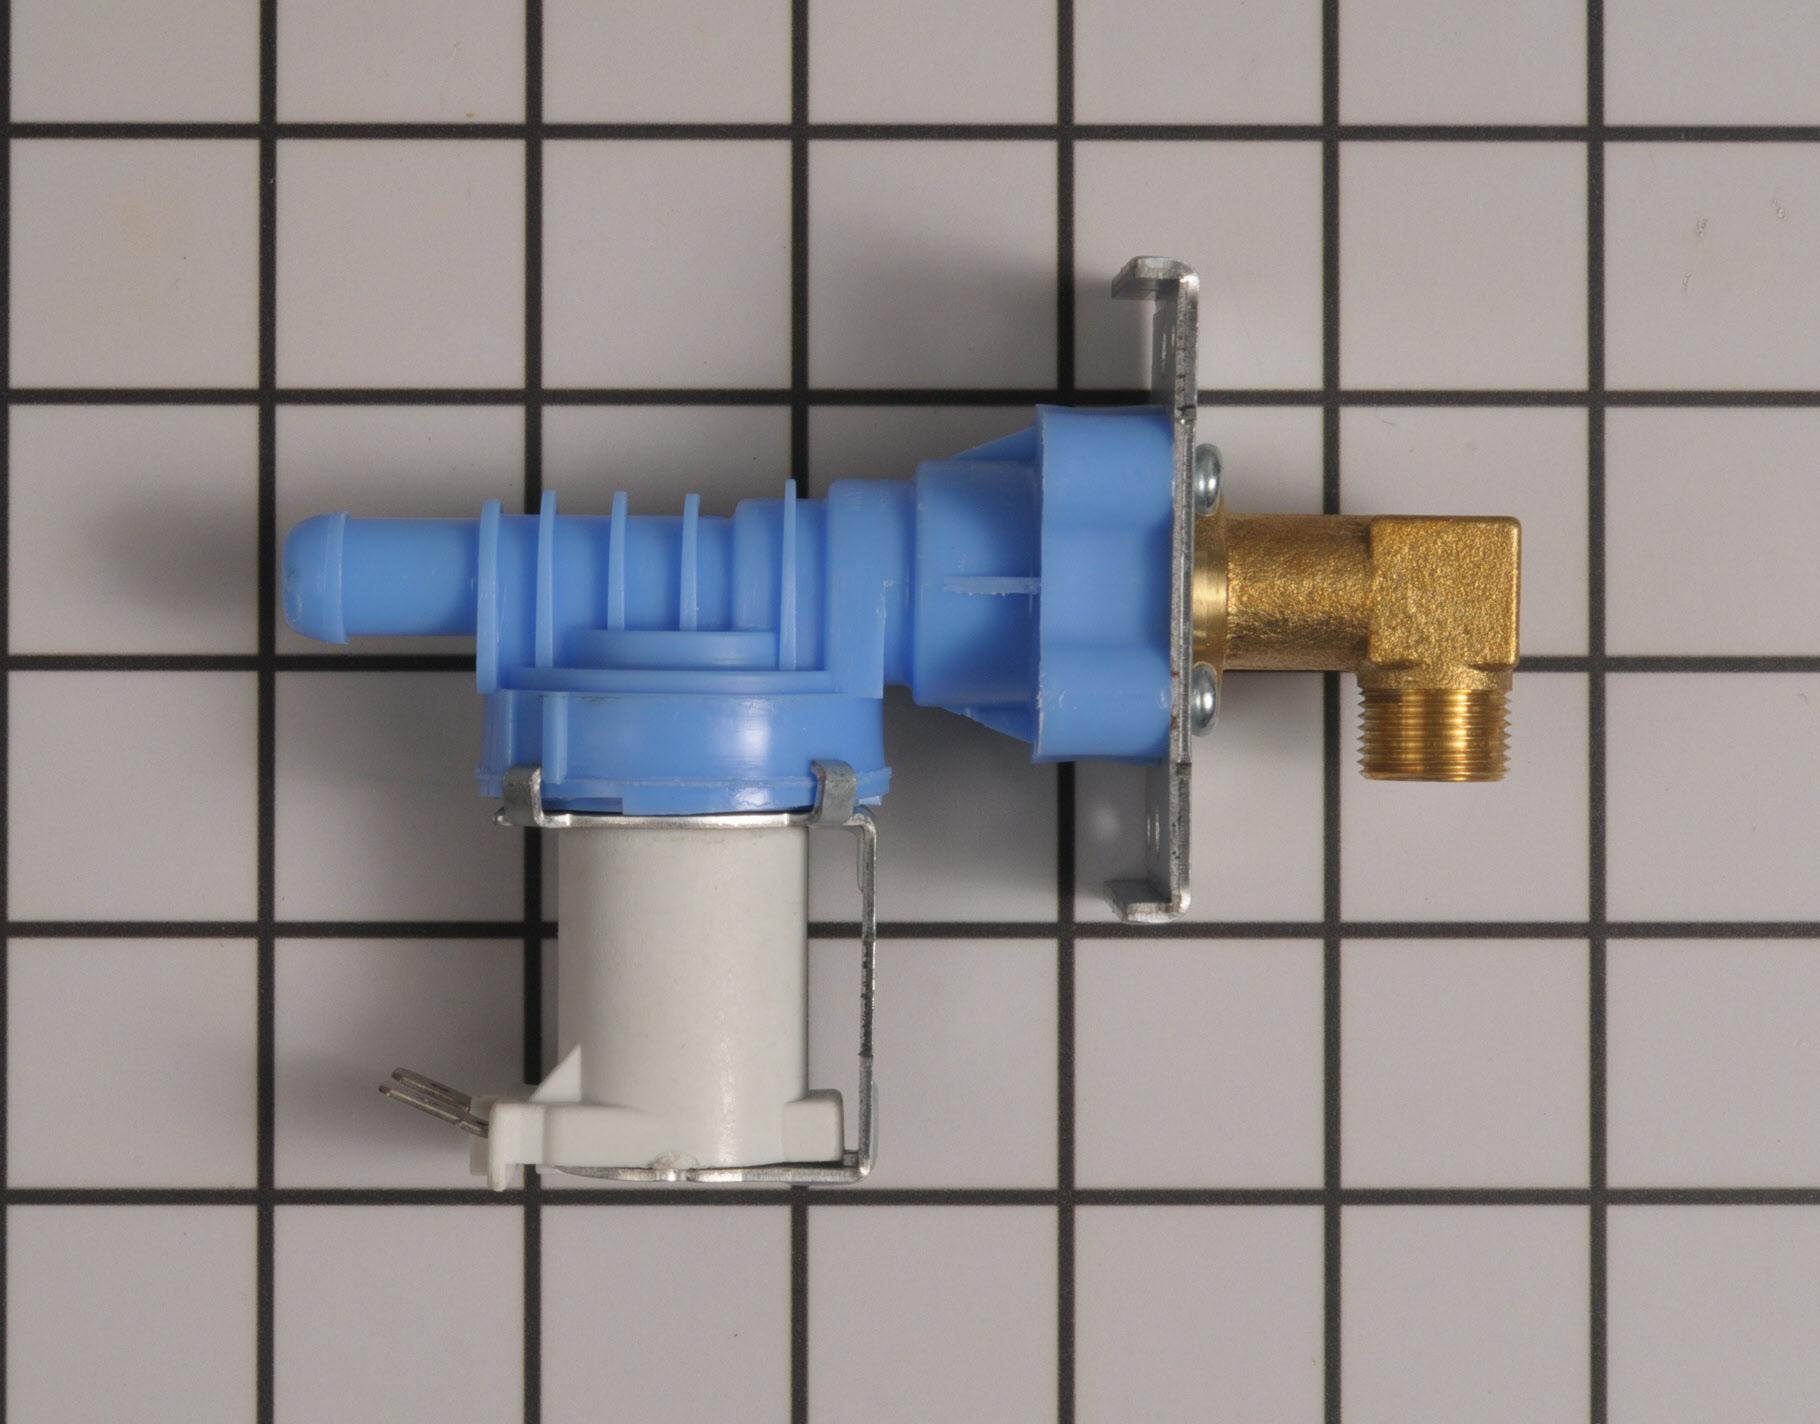 LG Dishwasher Part # 5221DD1001F - Water Inlet Valve